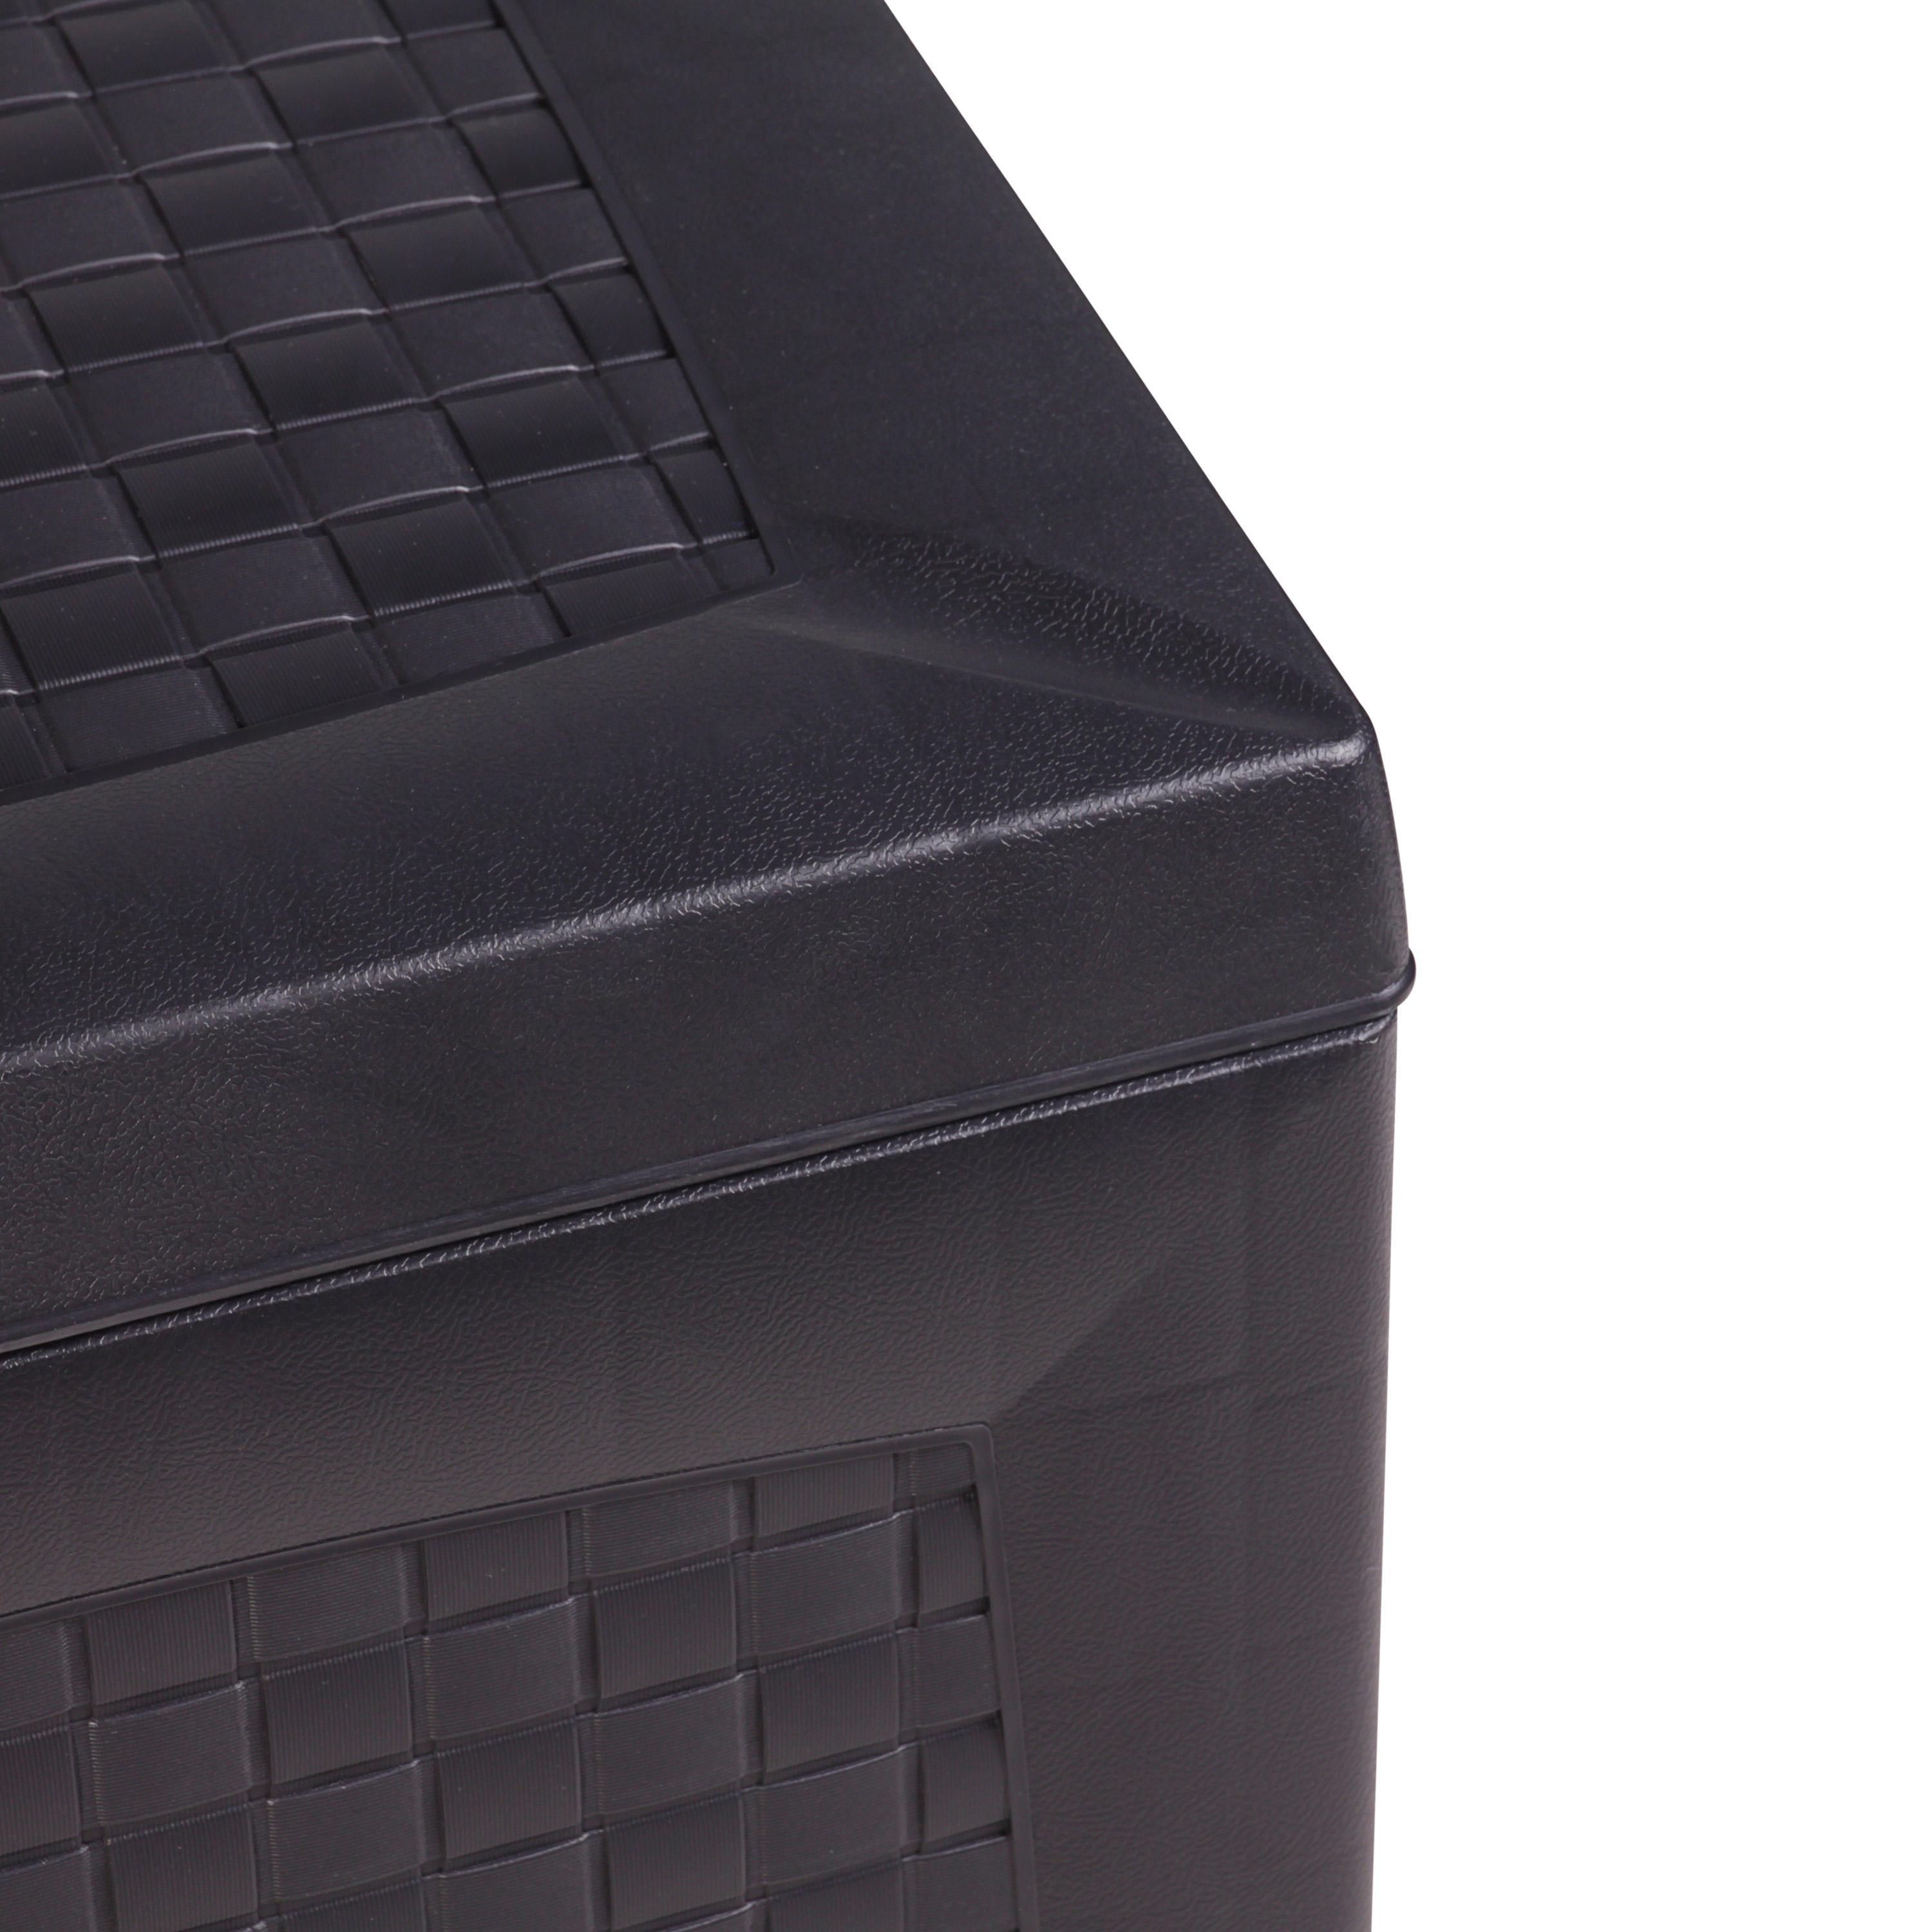 vanage aufbewahrungsbox hippo aus kunststoff schwarz 120 x 52 x 60 cm garten. Black Bedroom Furniture Sets. Home Design Ideas